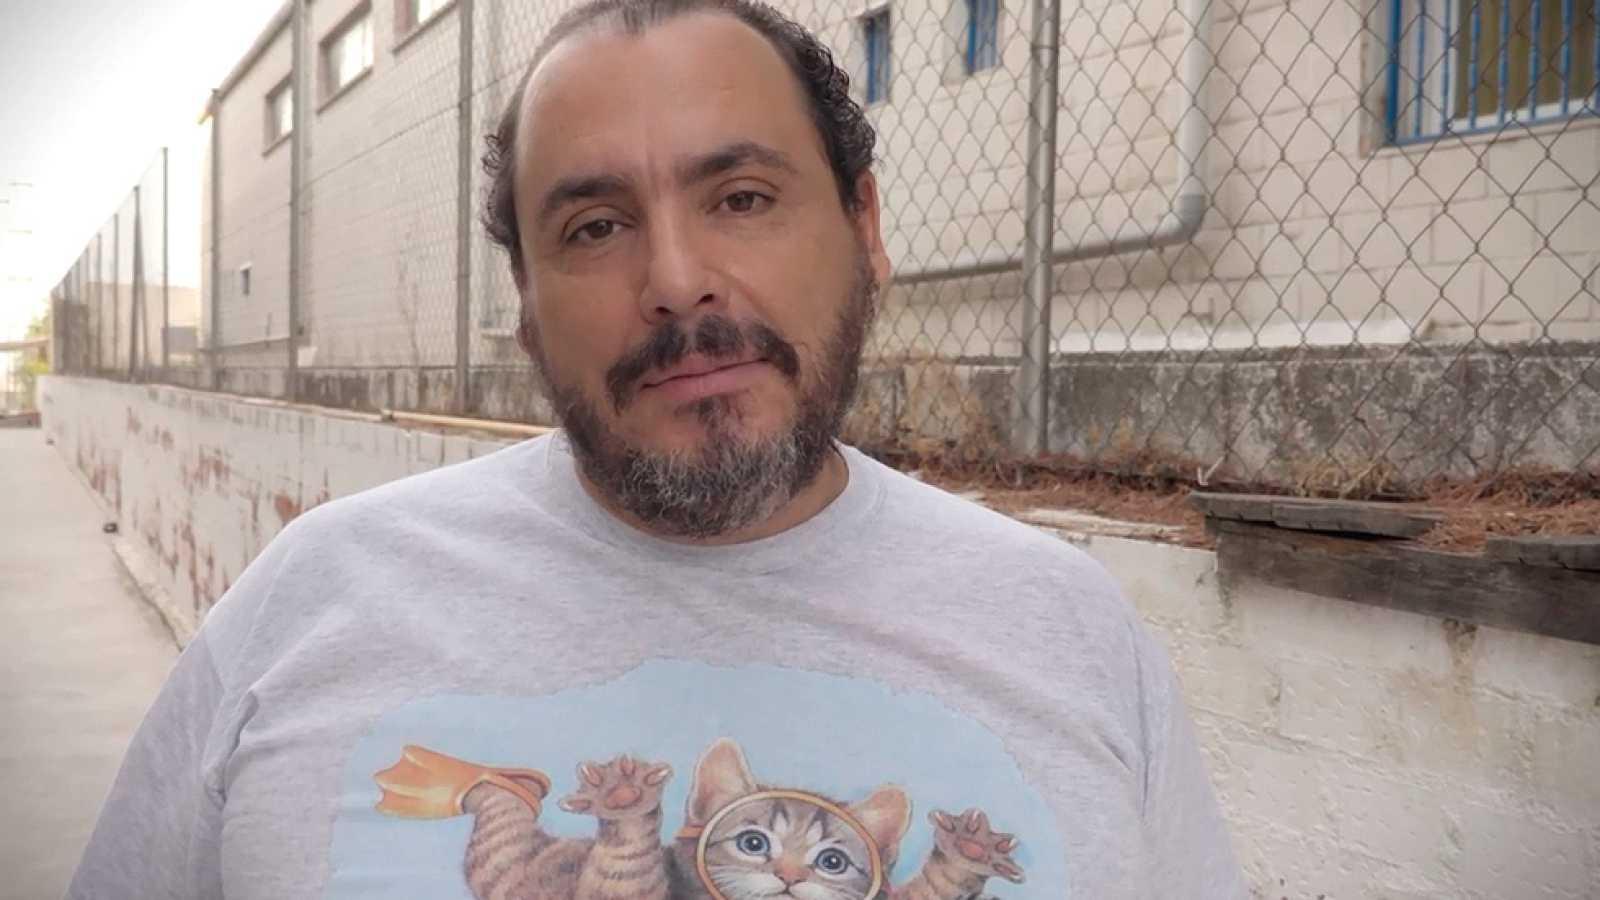 Olmos y Robles - Tiembla, Ezcaray: ¡vuelve Justino!